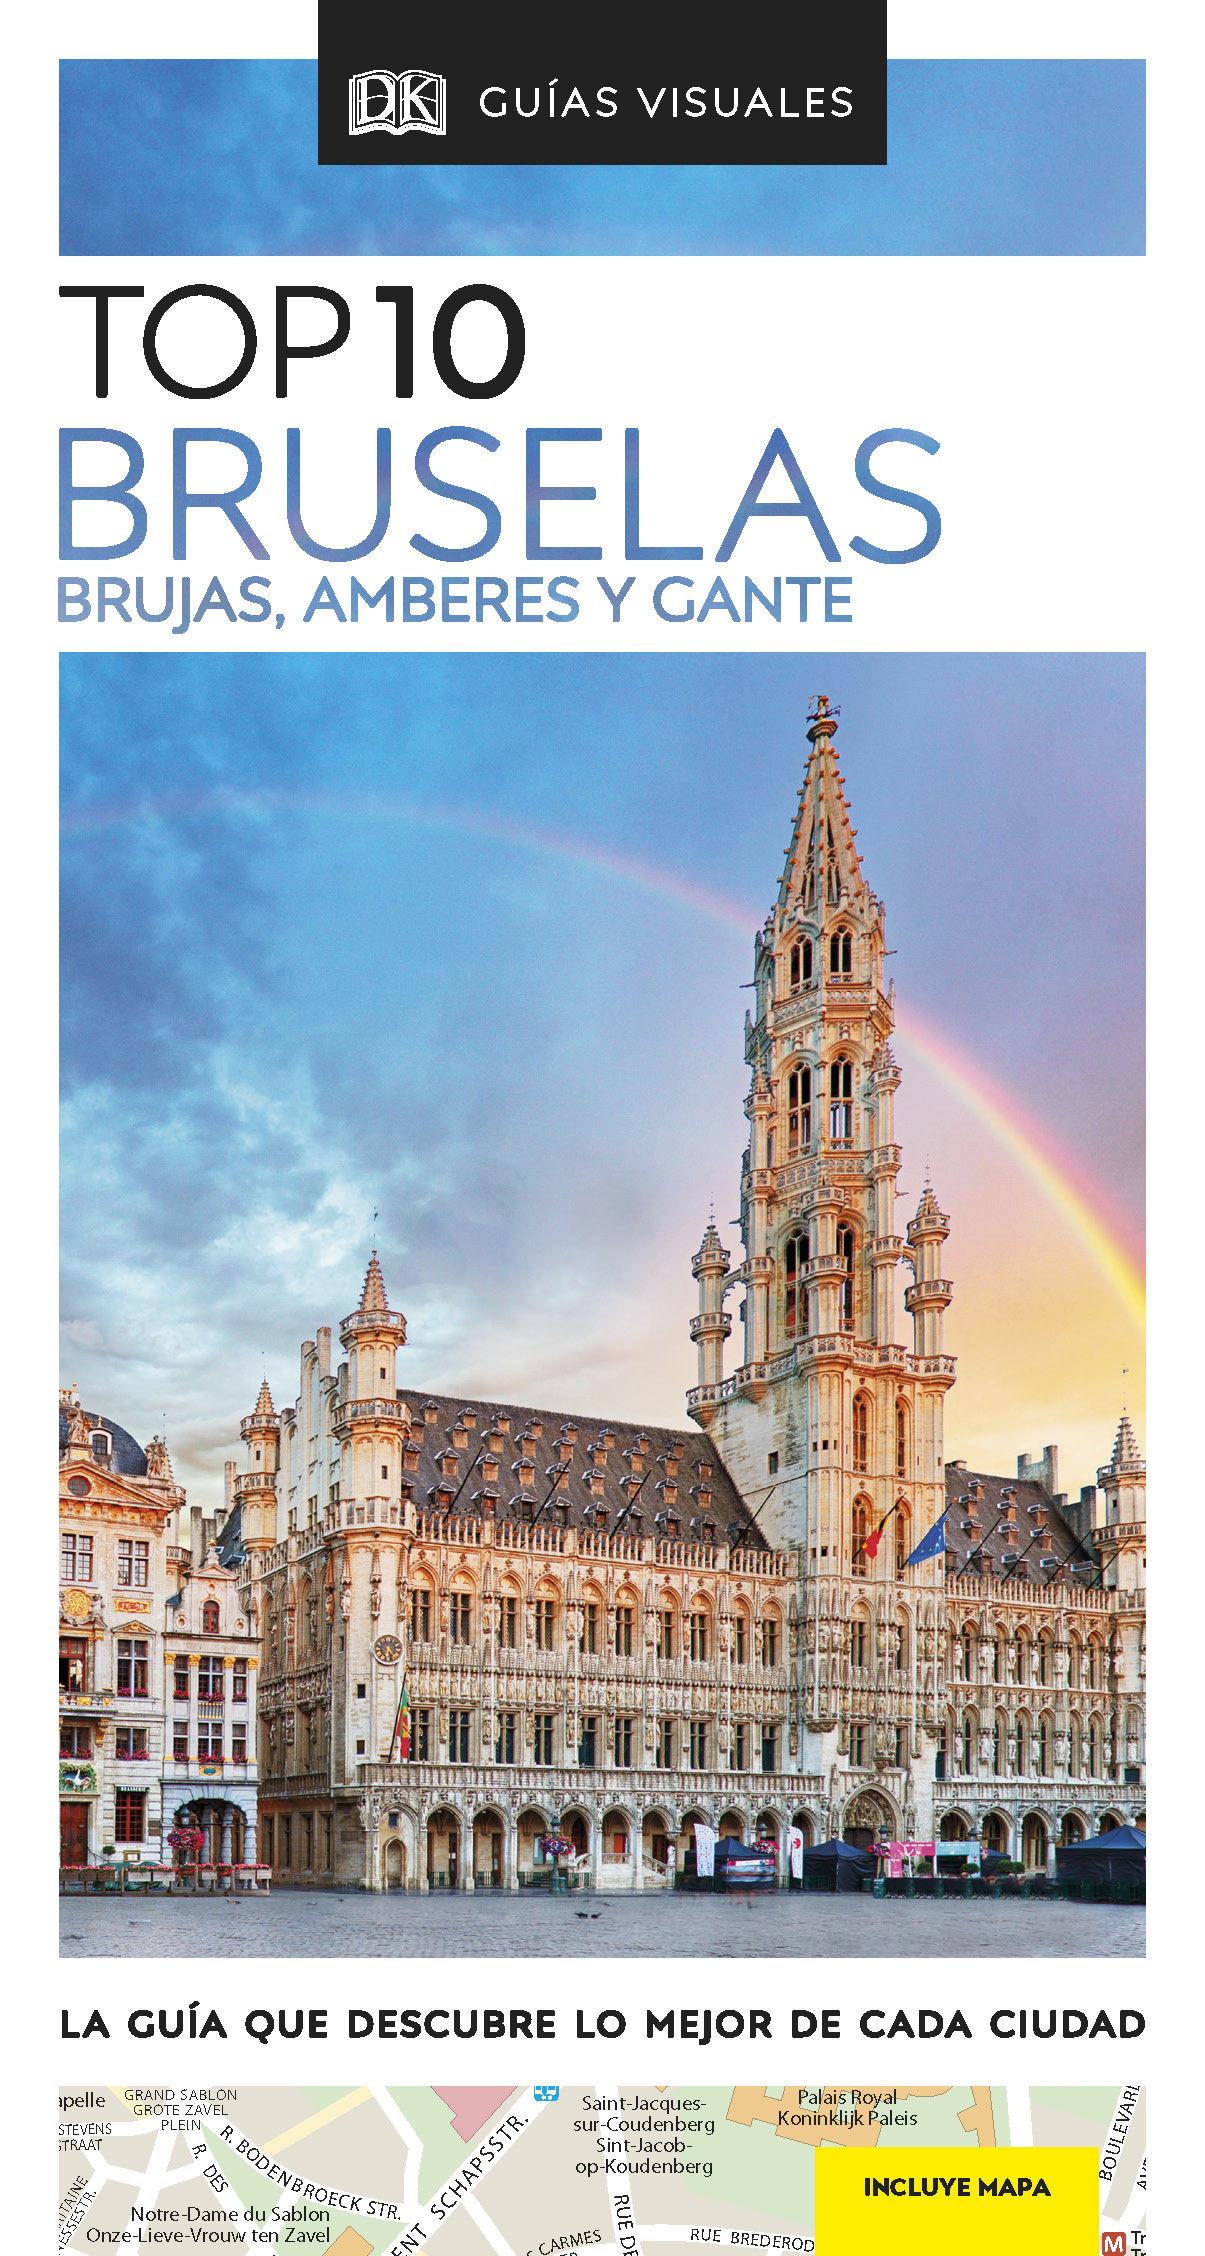 BRUSELAS TOP 10